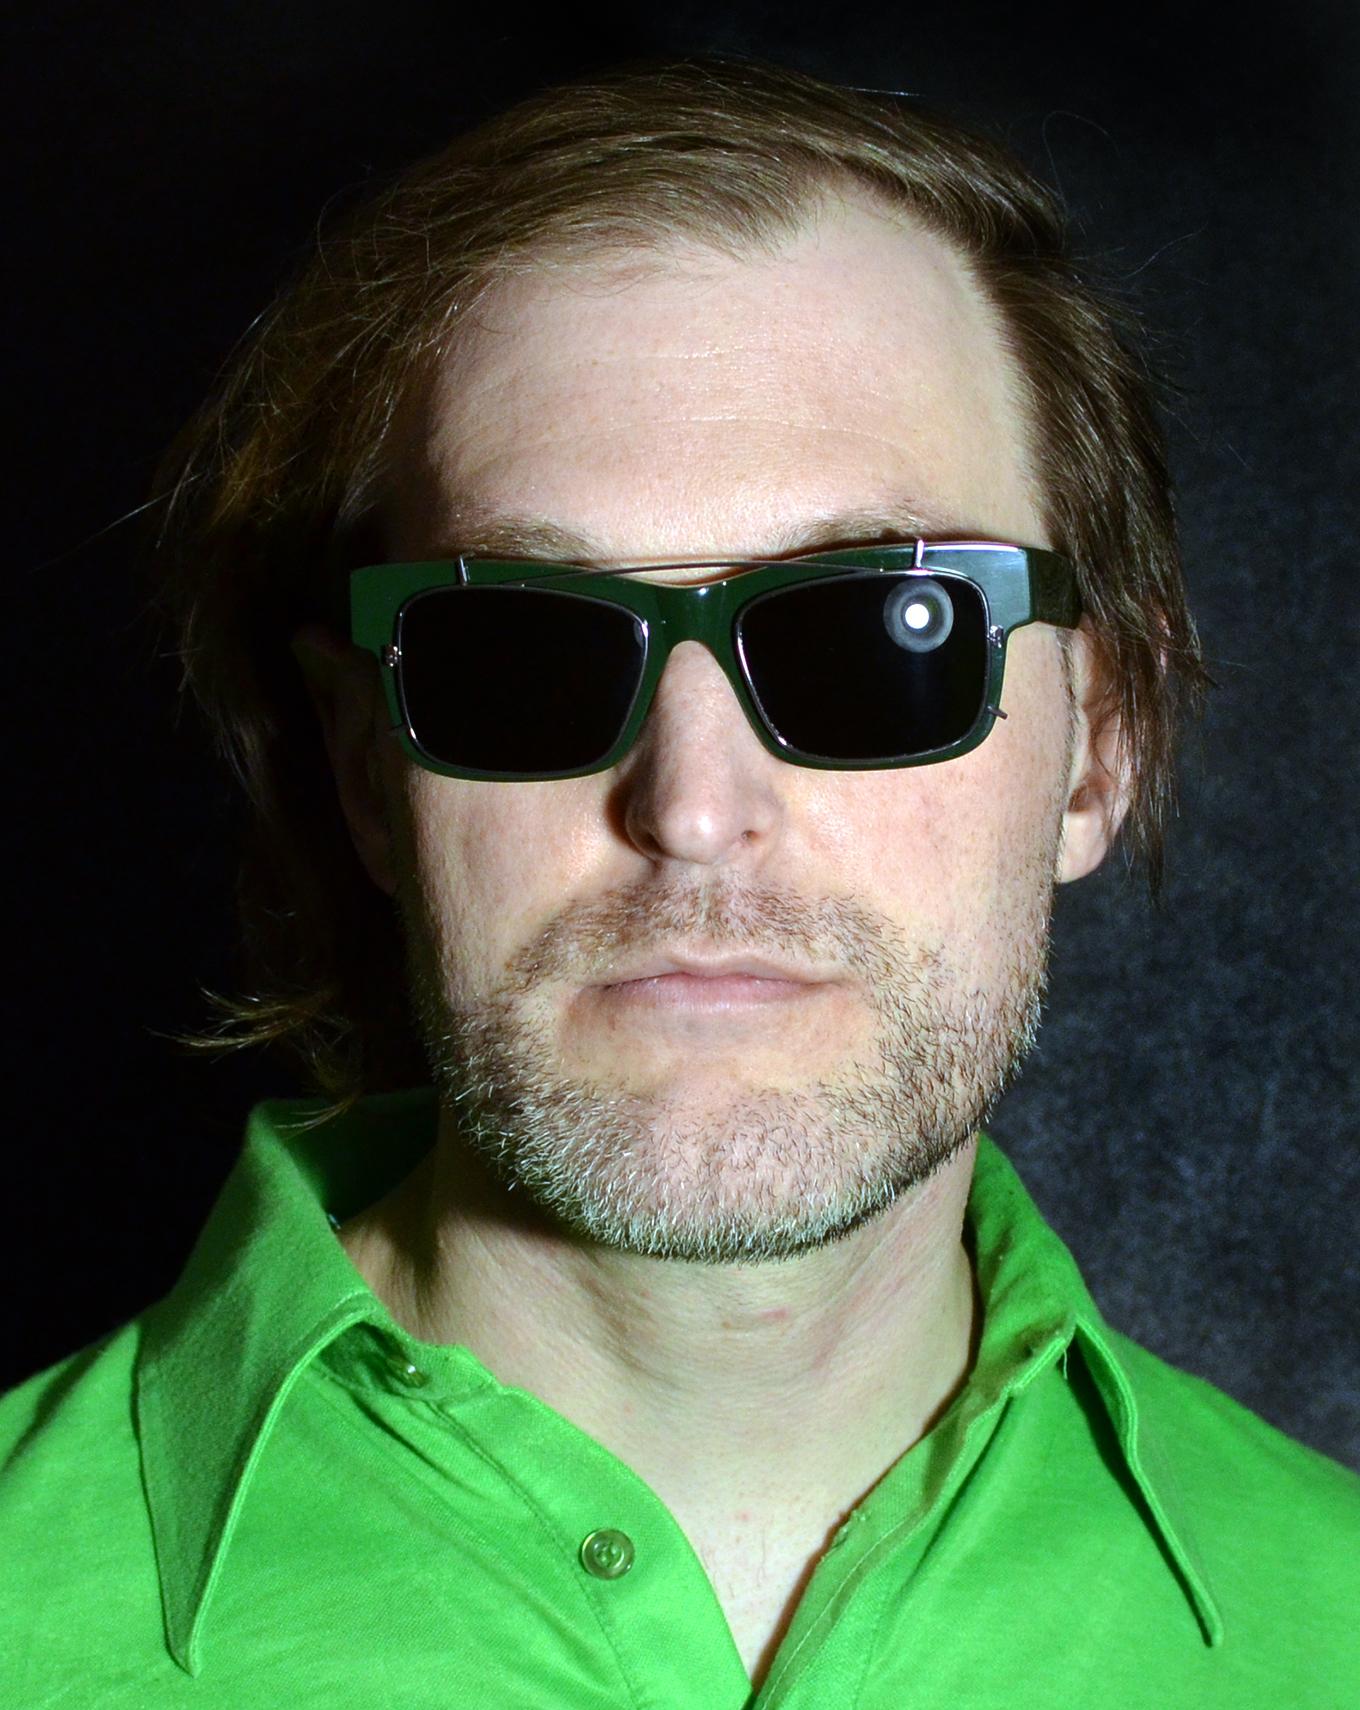 d-irpair-ir-infrared-3d-dot-matrix-facial-mapping-eyewear-sunglasses.jpg